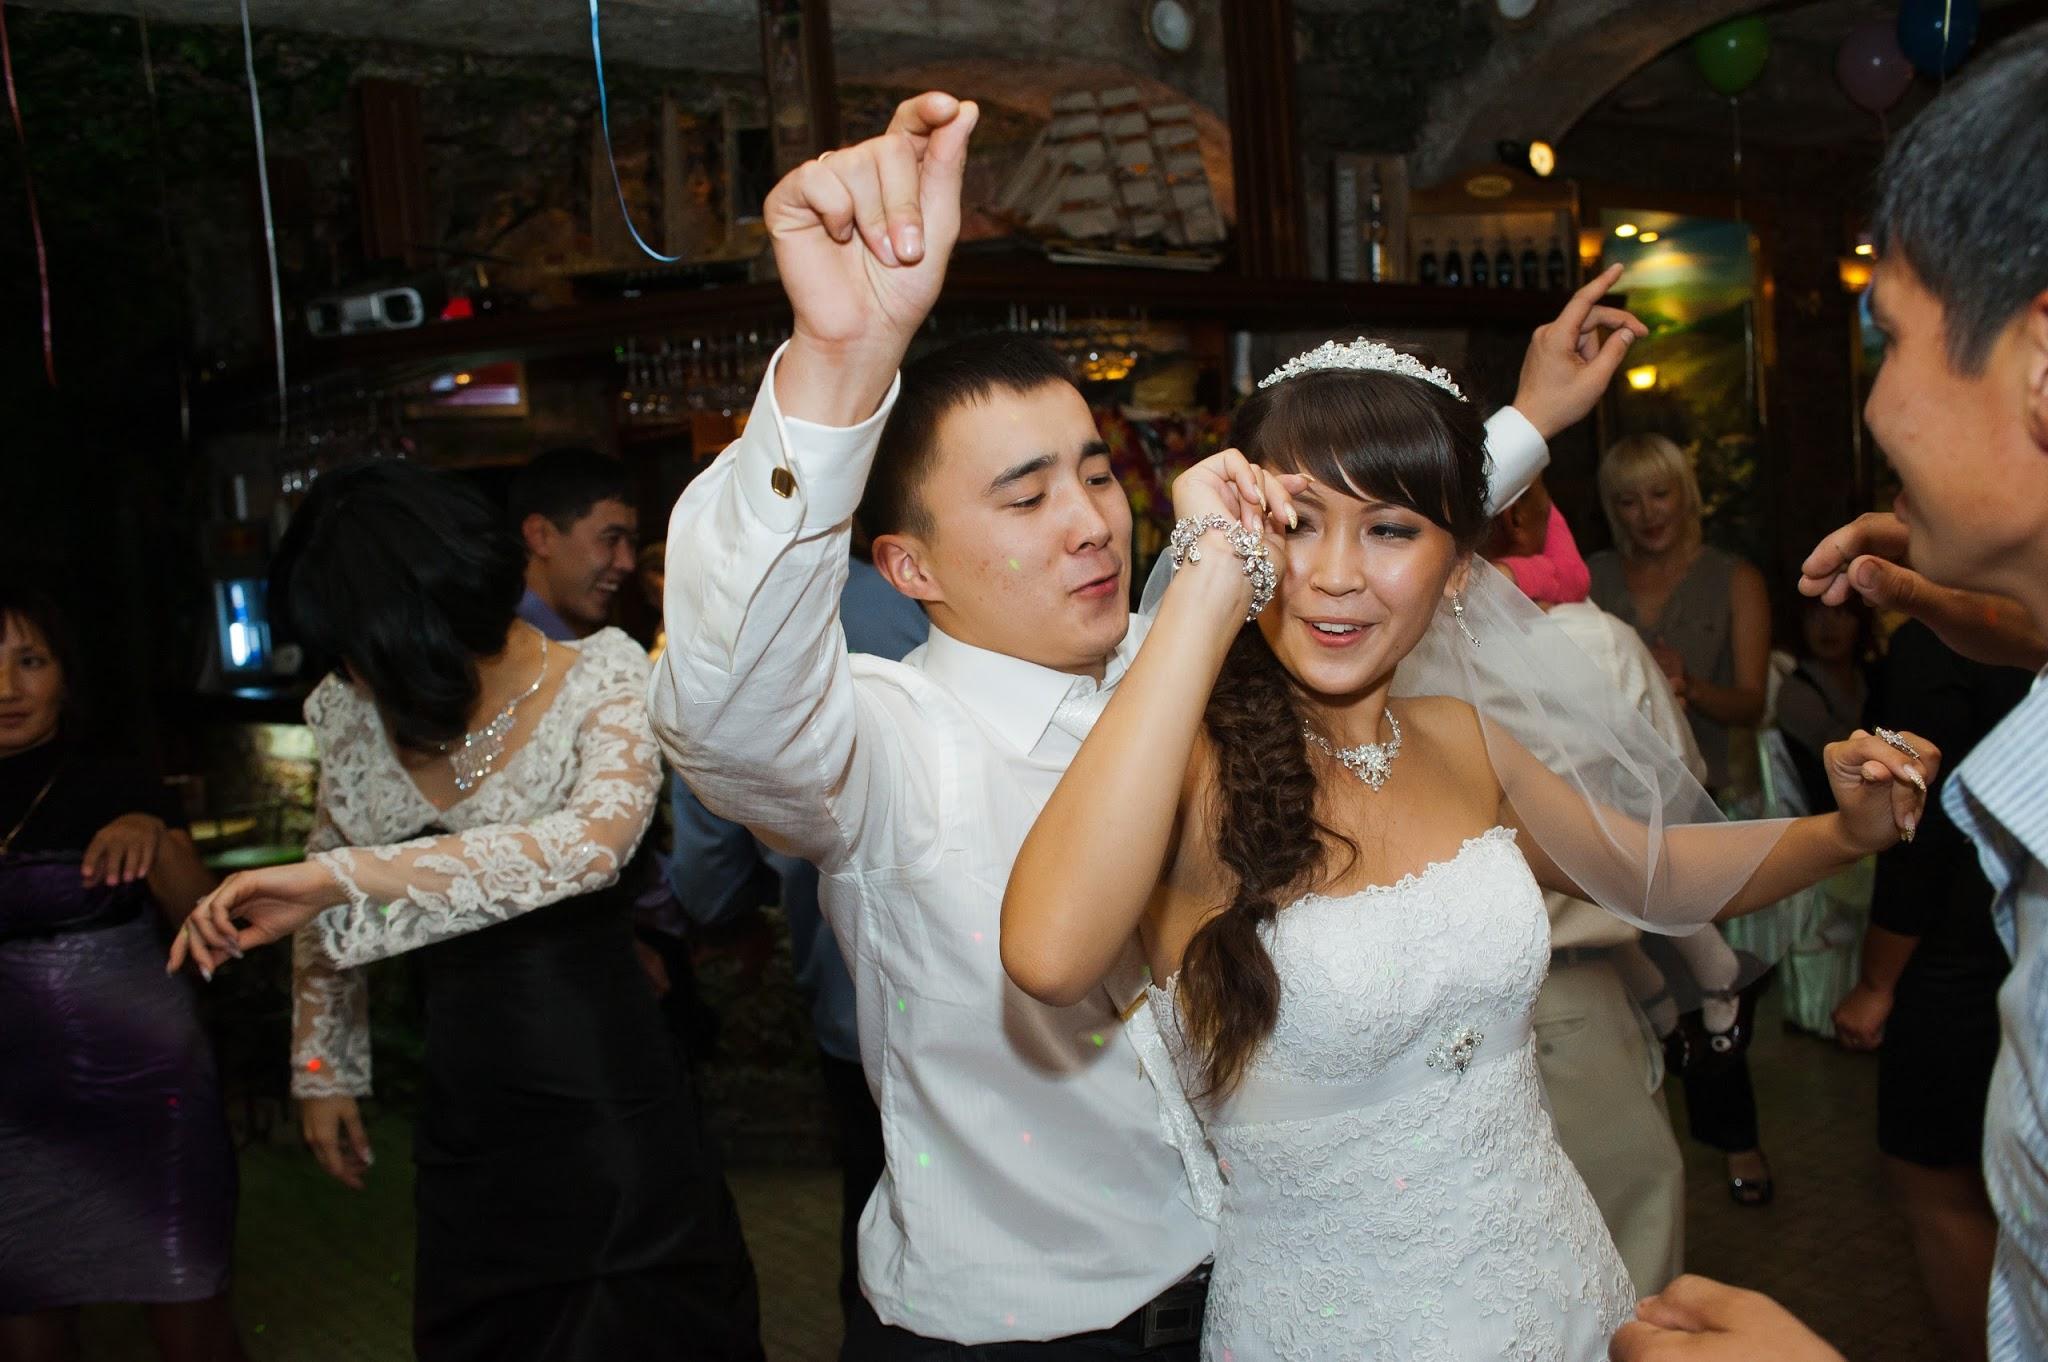 Фото девушек со свадьбы с дружкой 7 фотография